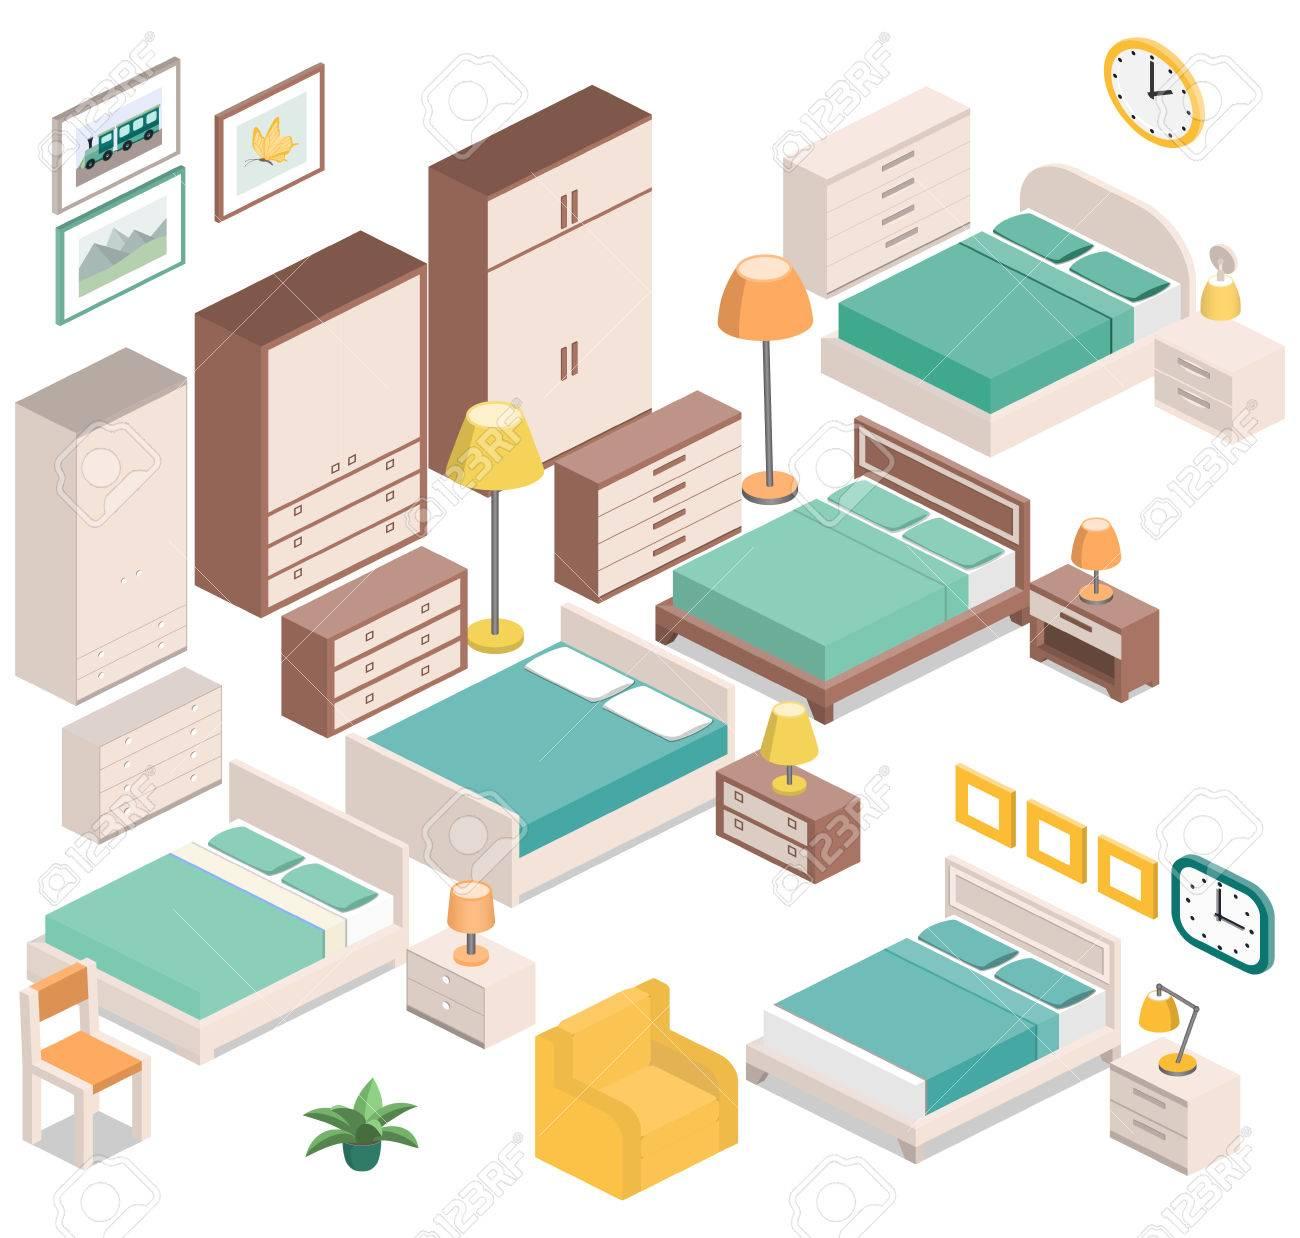 Muebles Para El Dormitorio En Estilo Isométrica - Mesitas De Noche ...